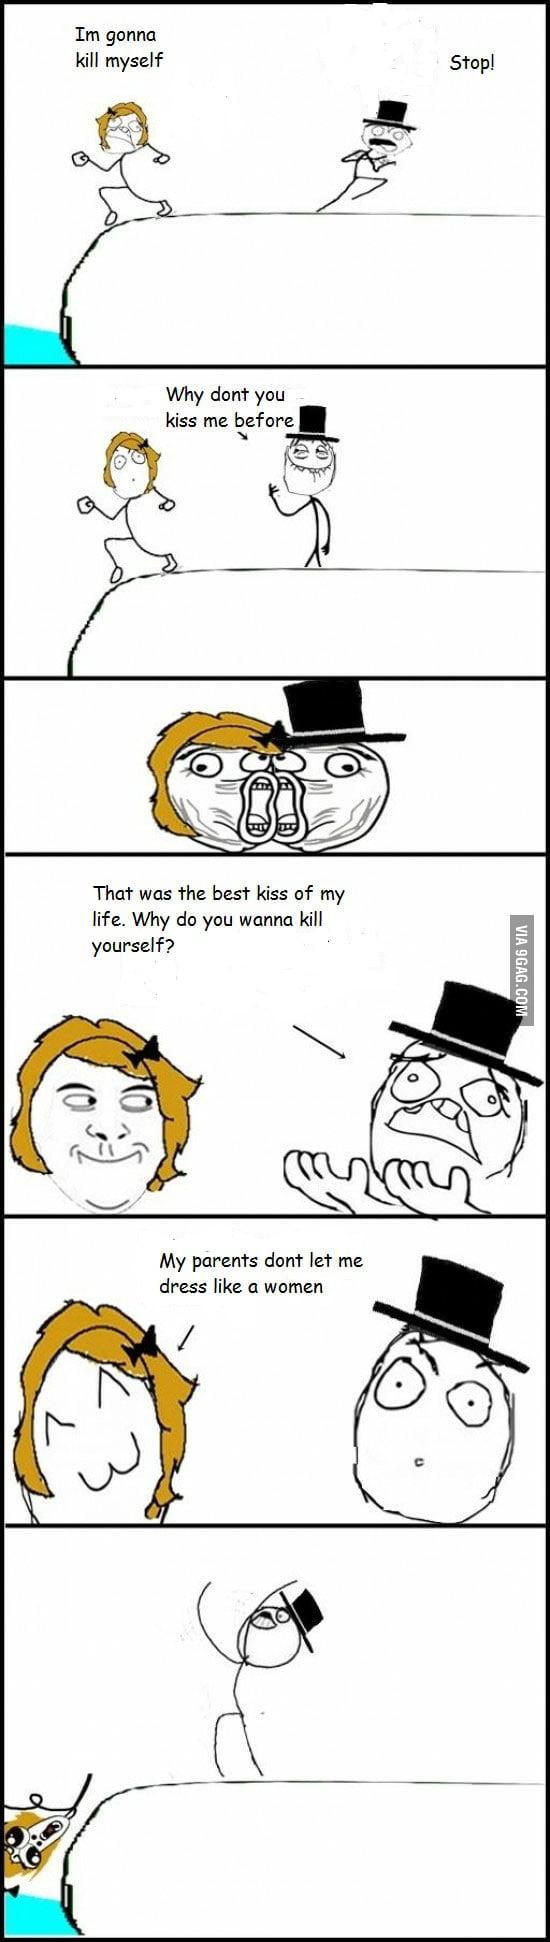 The last kiss